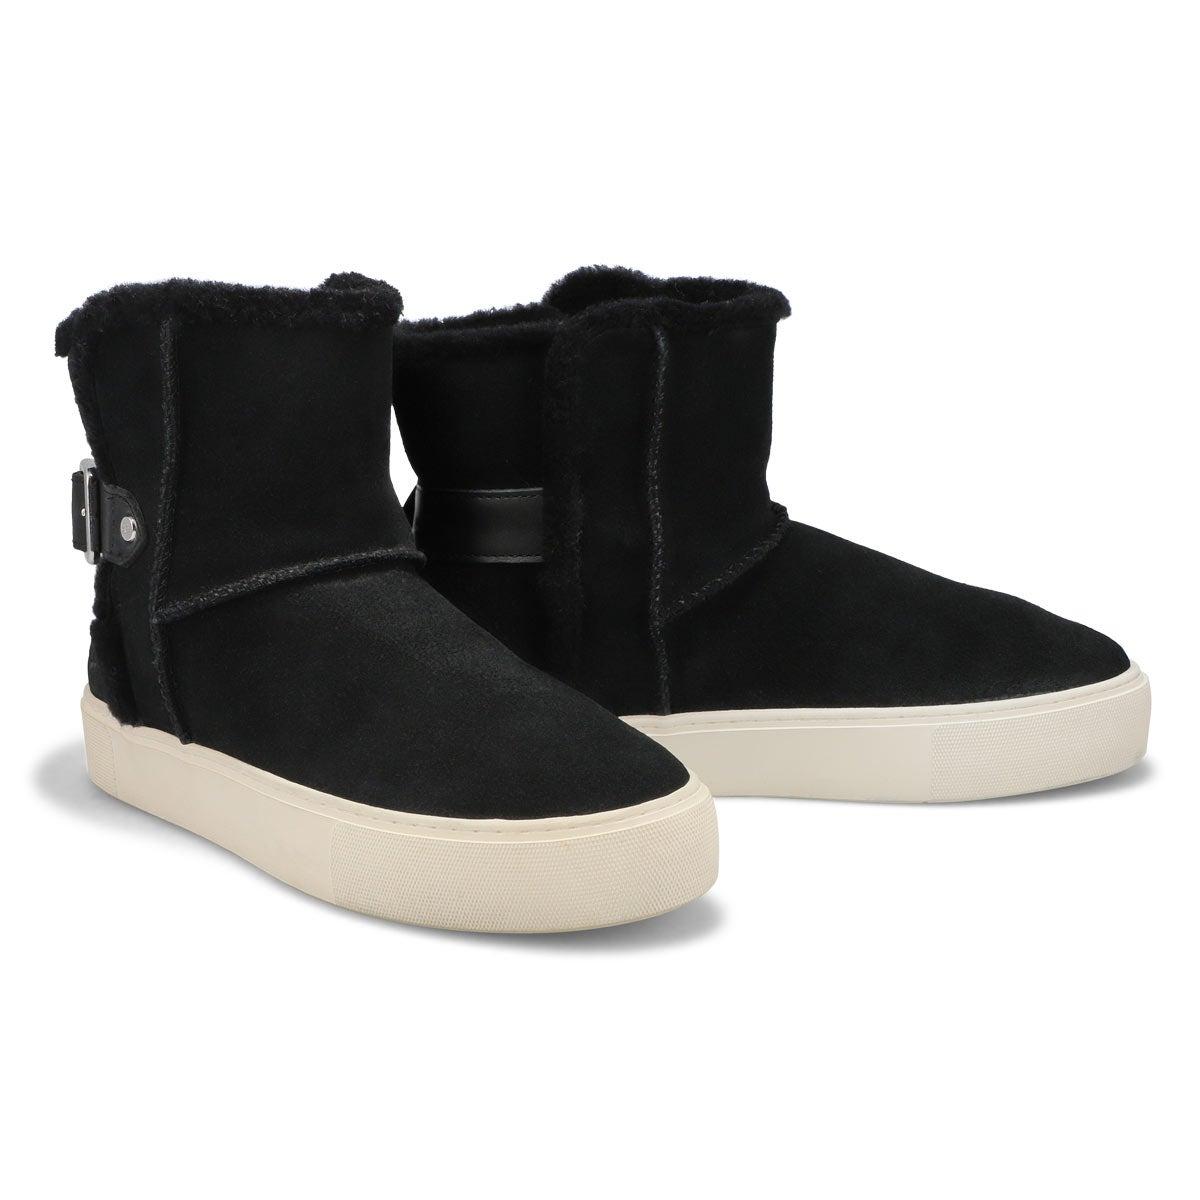 Lds Aika black slip on boot